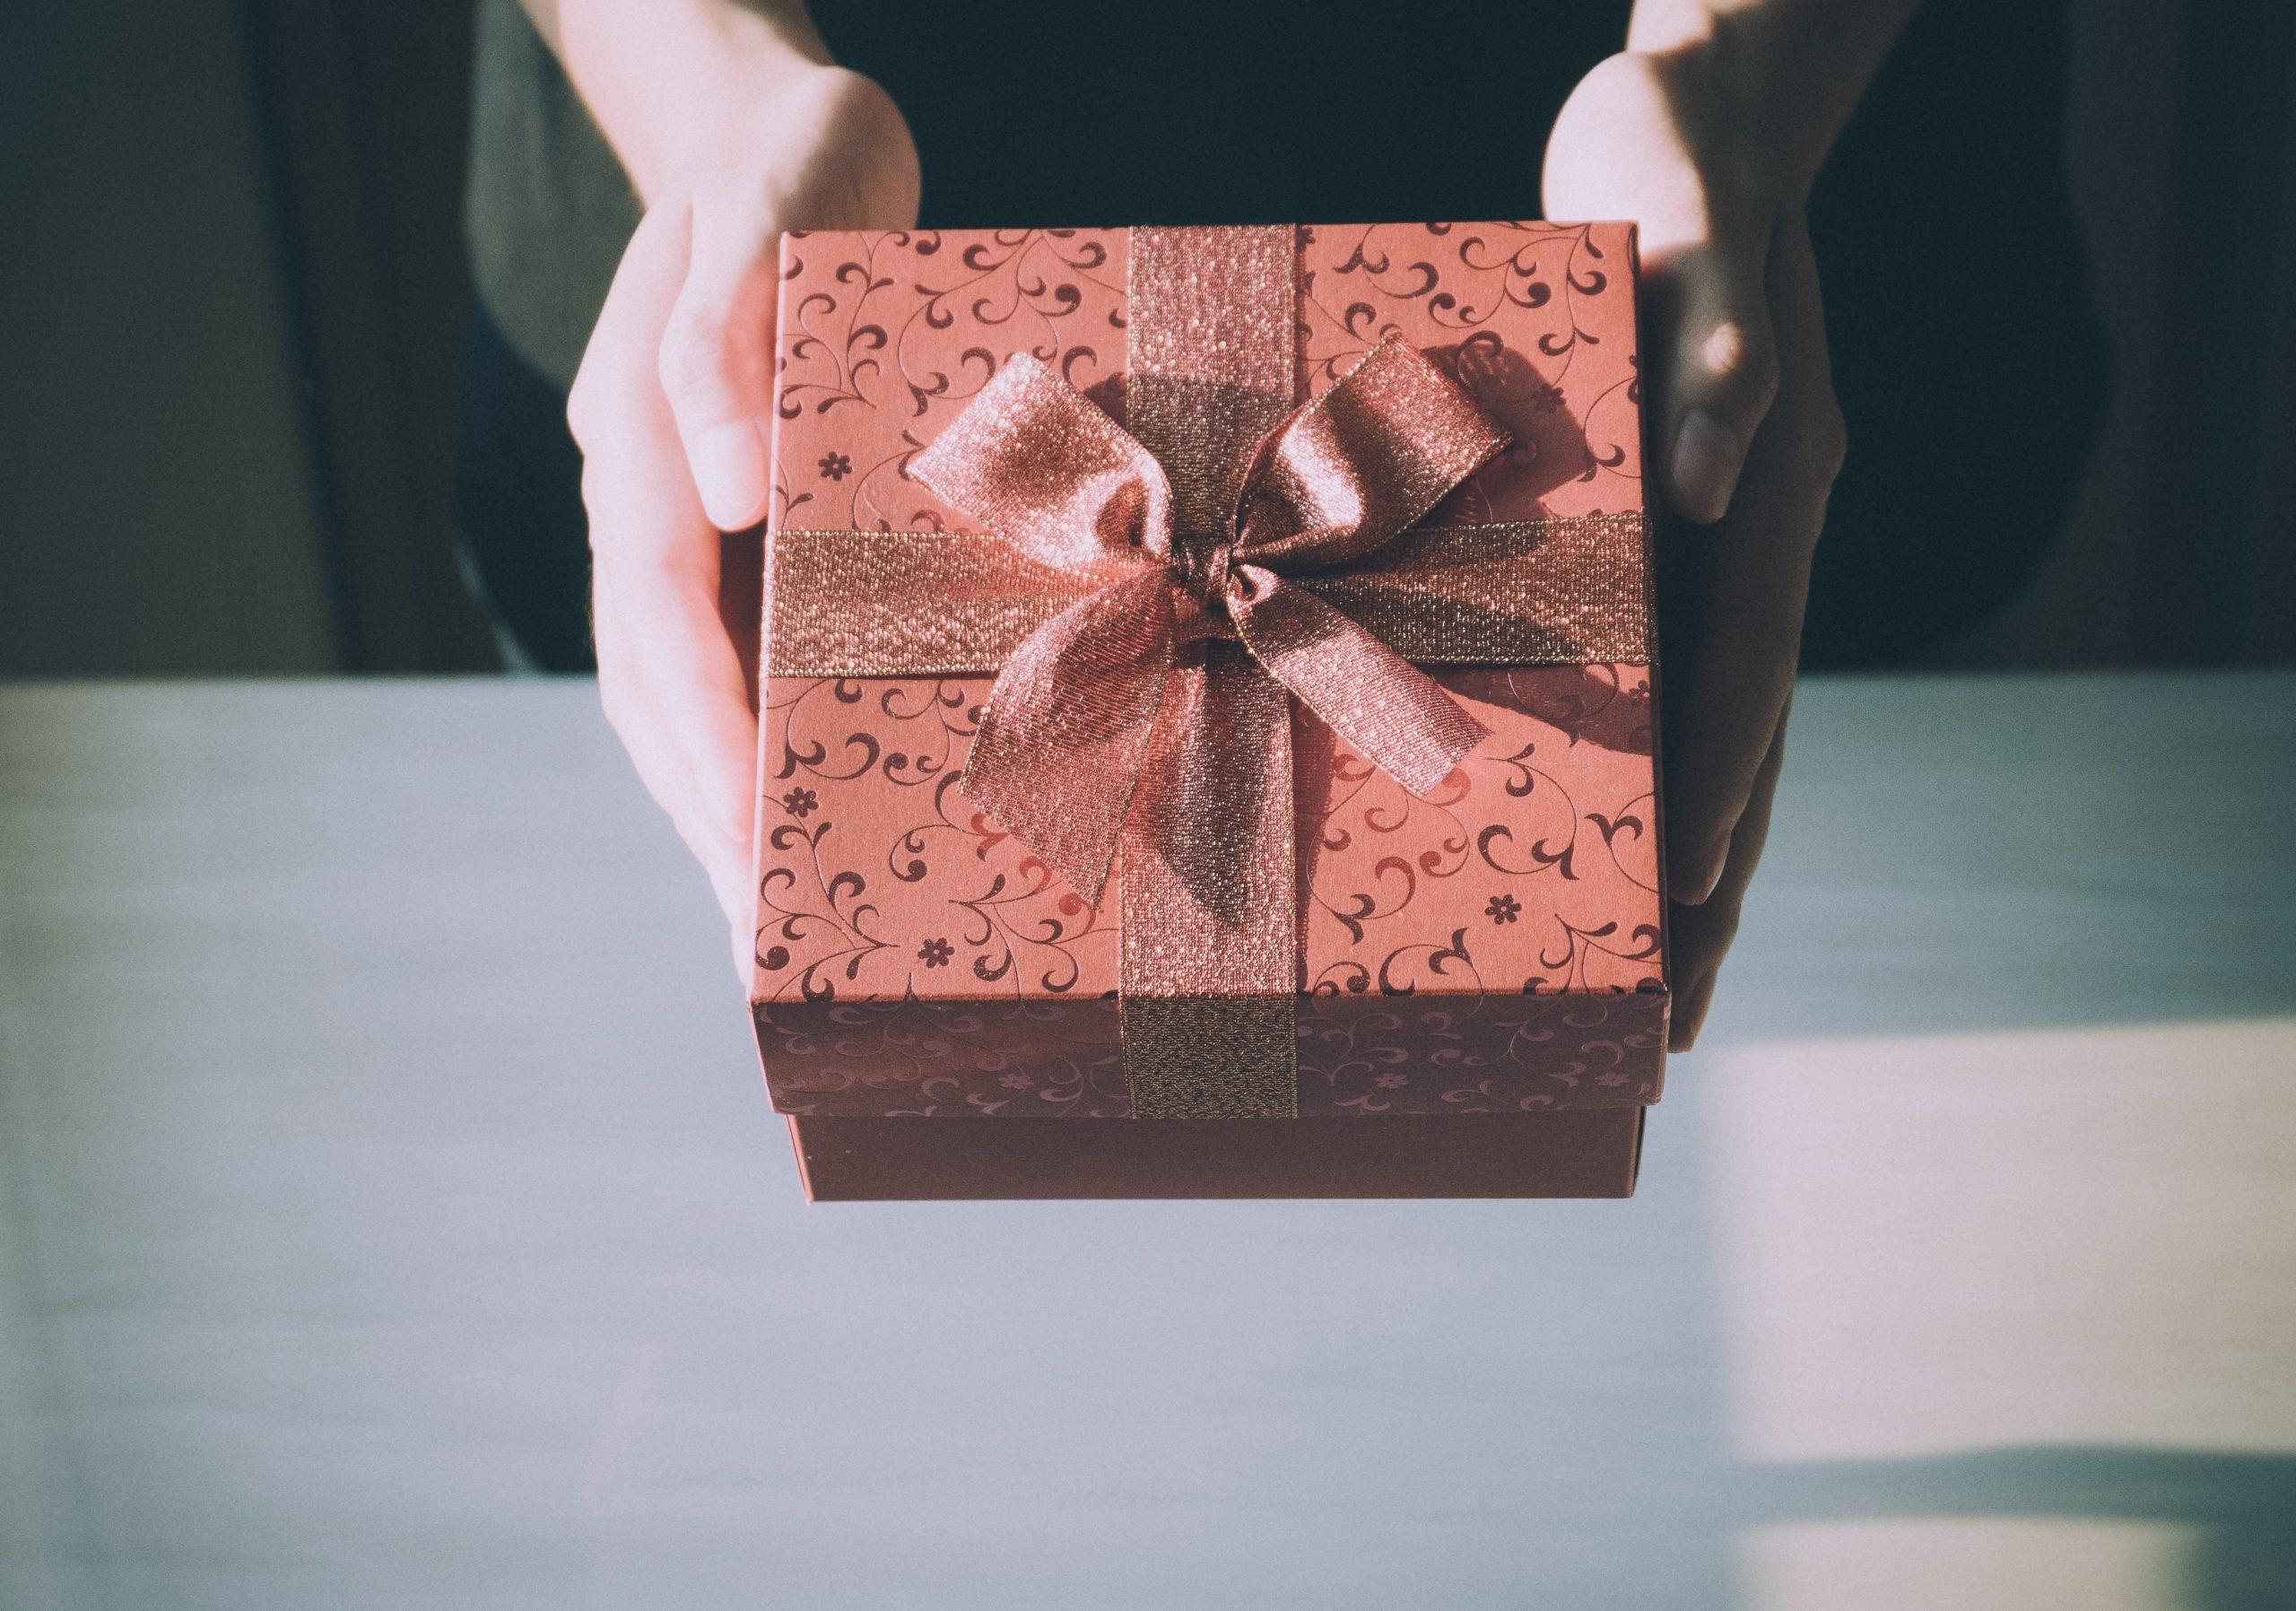 Na foto uma pessoa segurando um presente.